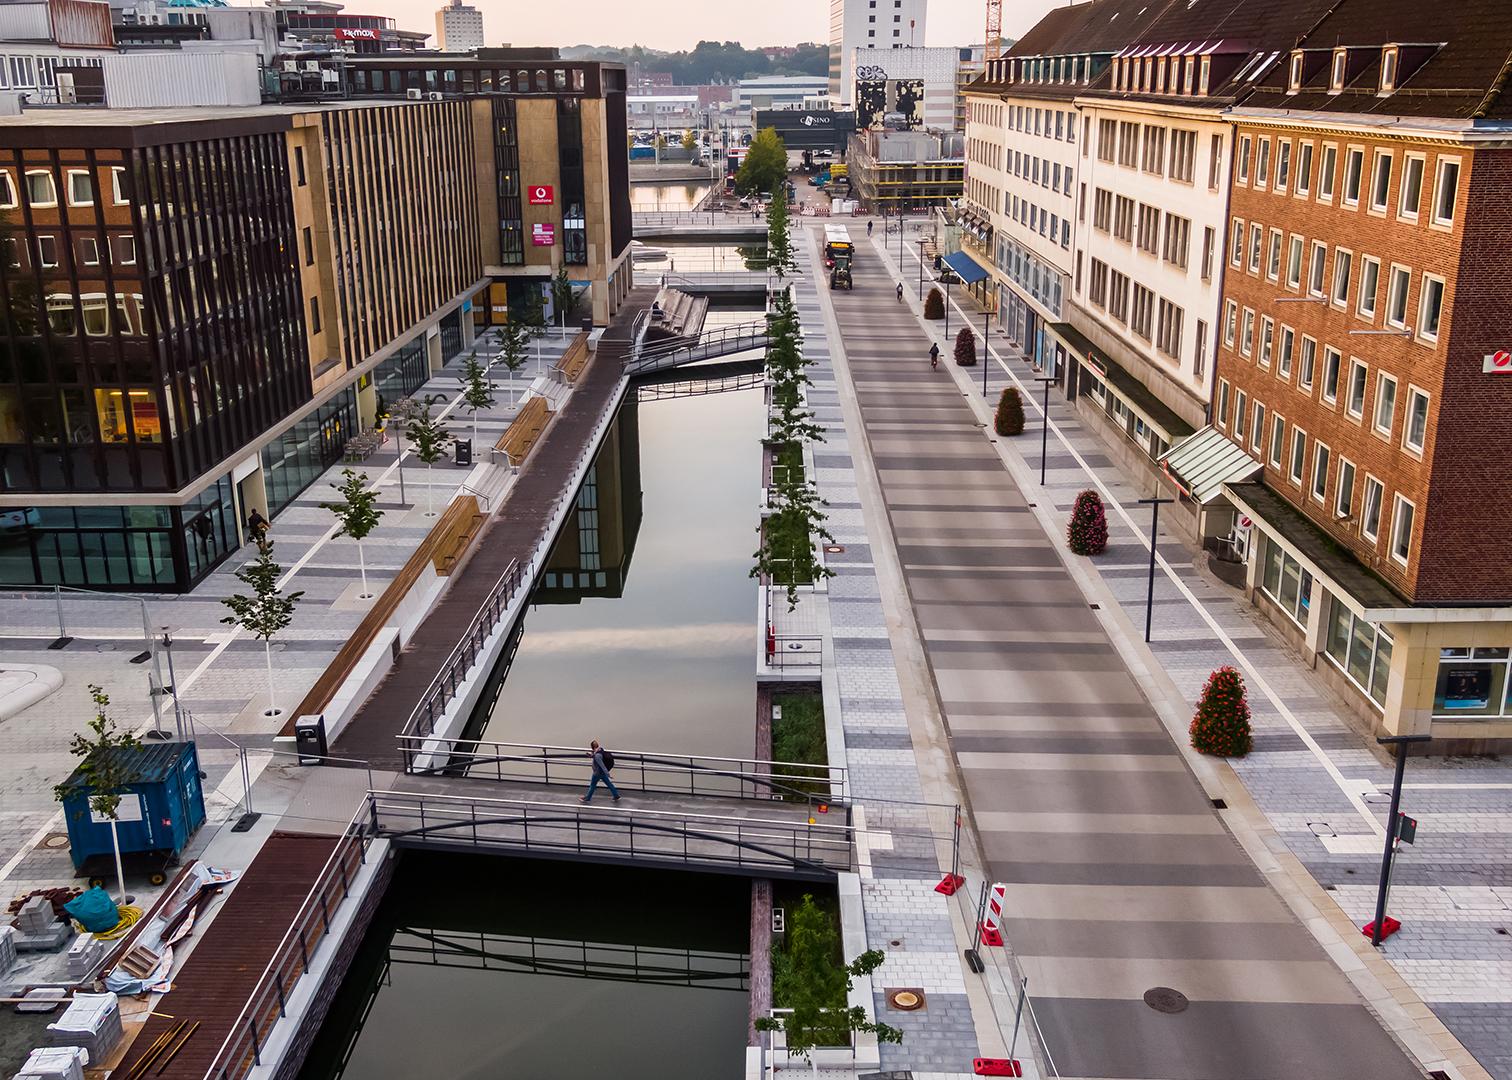 sauerzapfe-architekten-bruecke-kleiner-kiel-kanal-holstenfleet-kiel-02